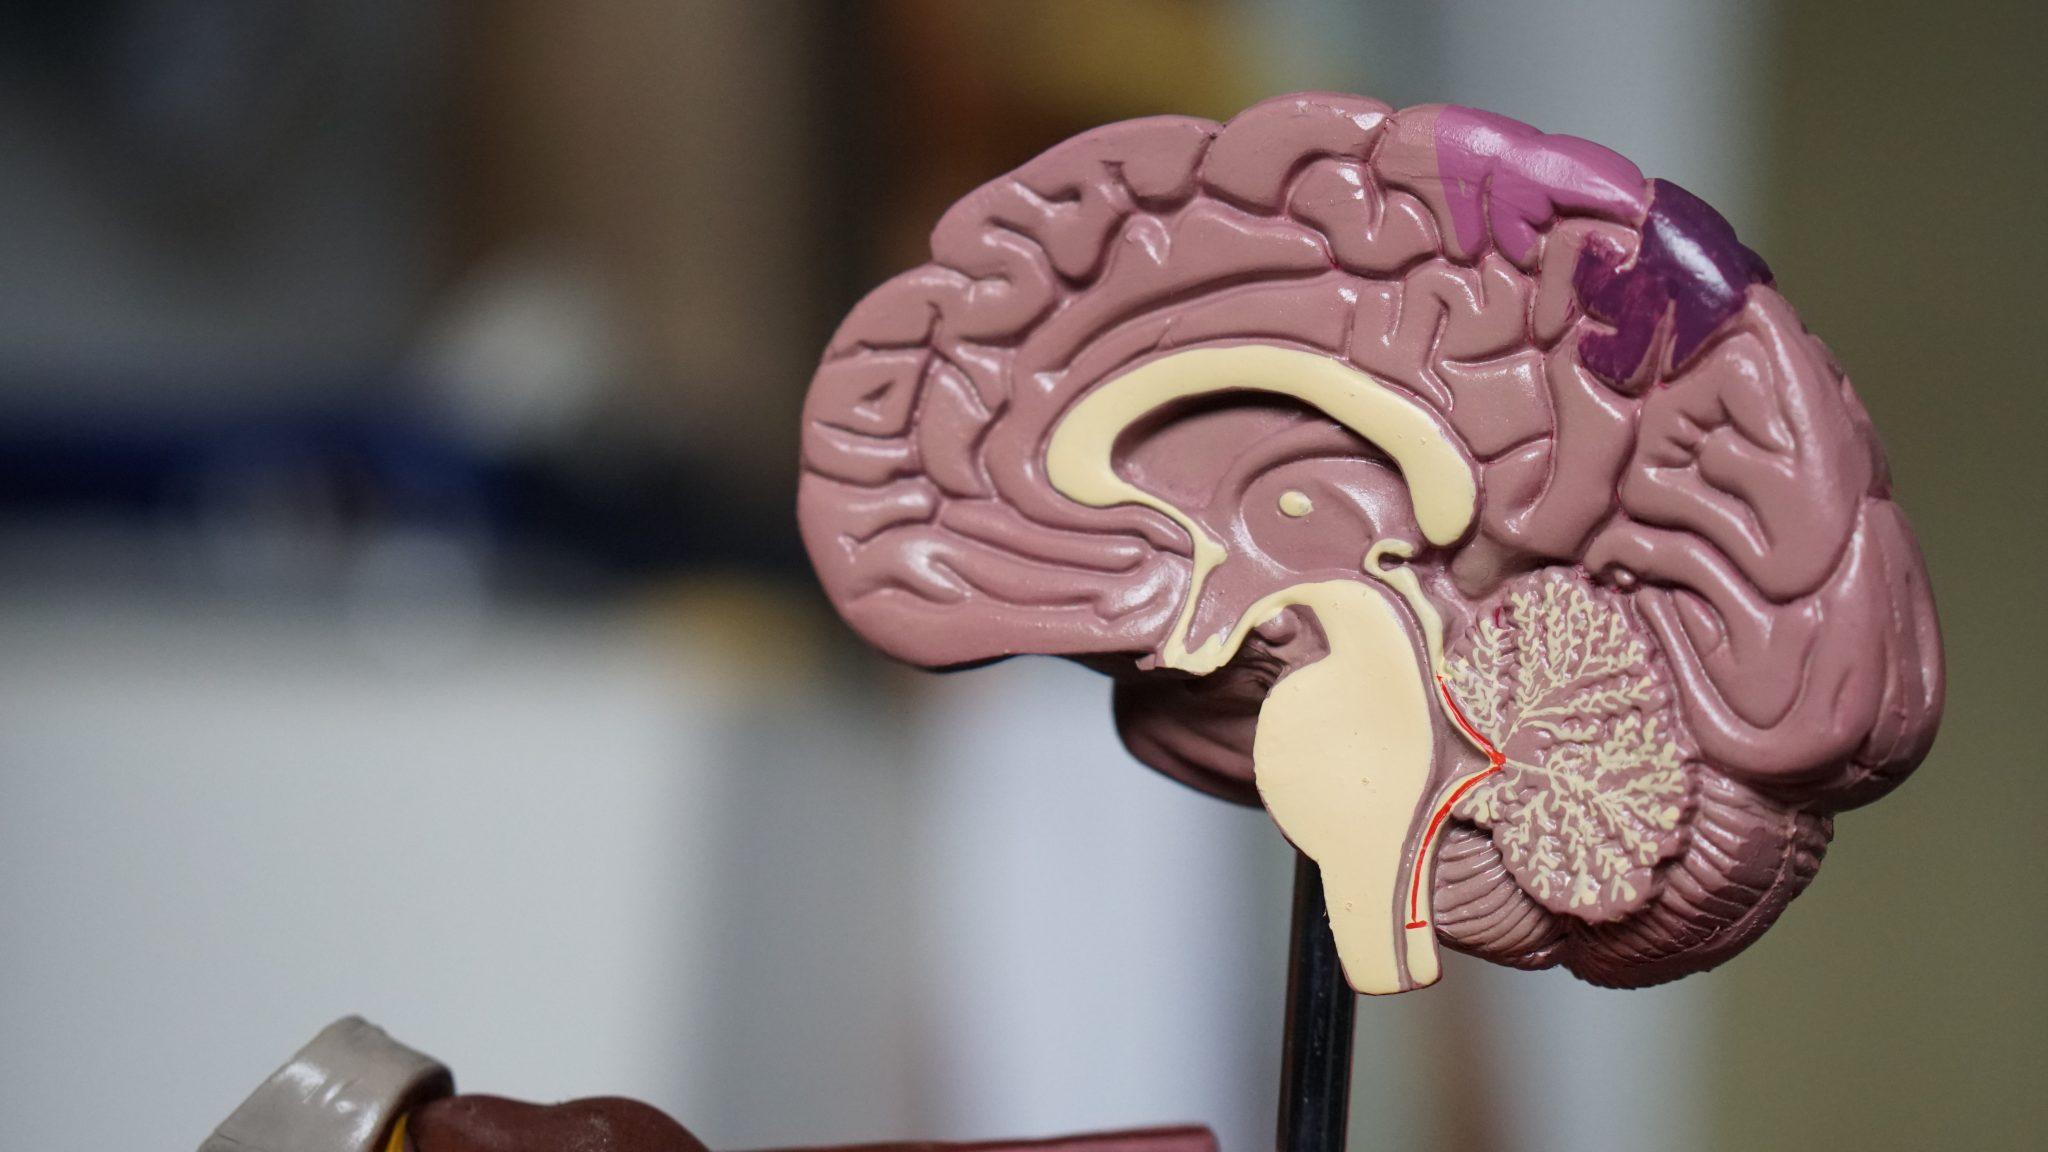 Alzheimer's & Brain Awareness Month